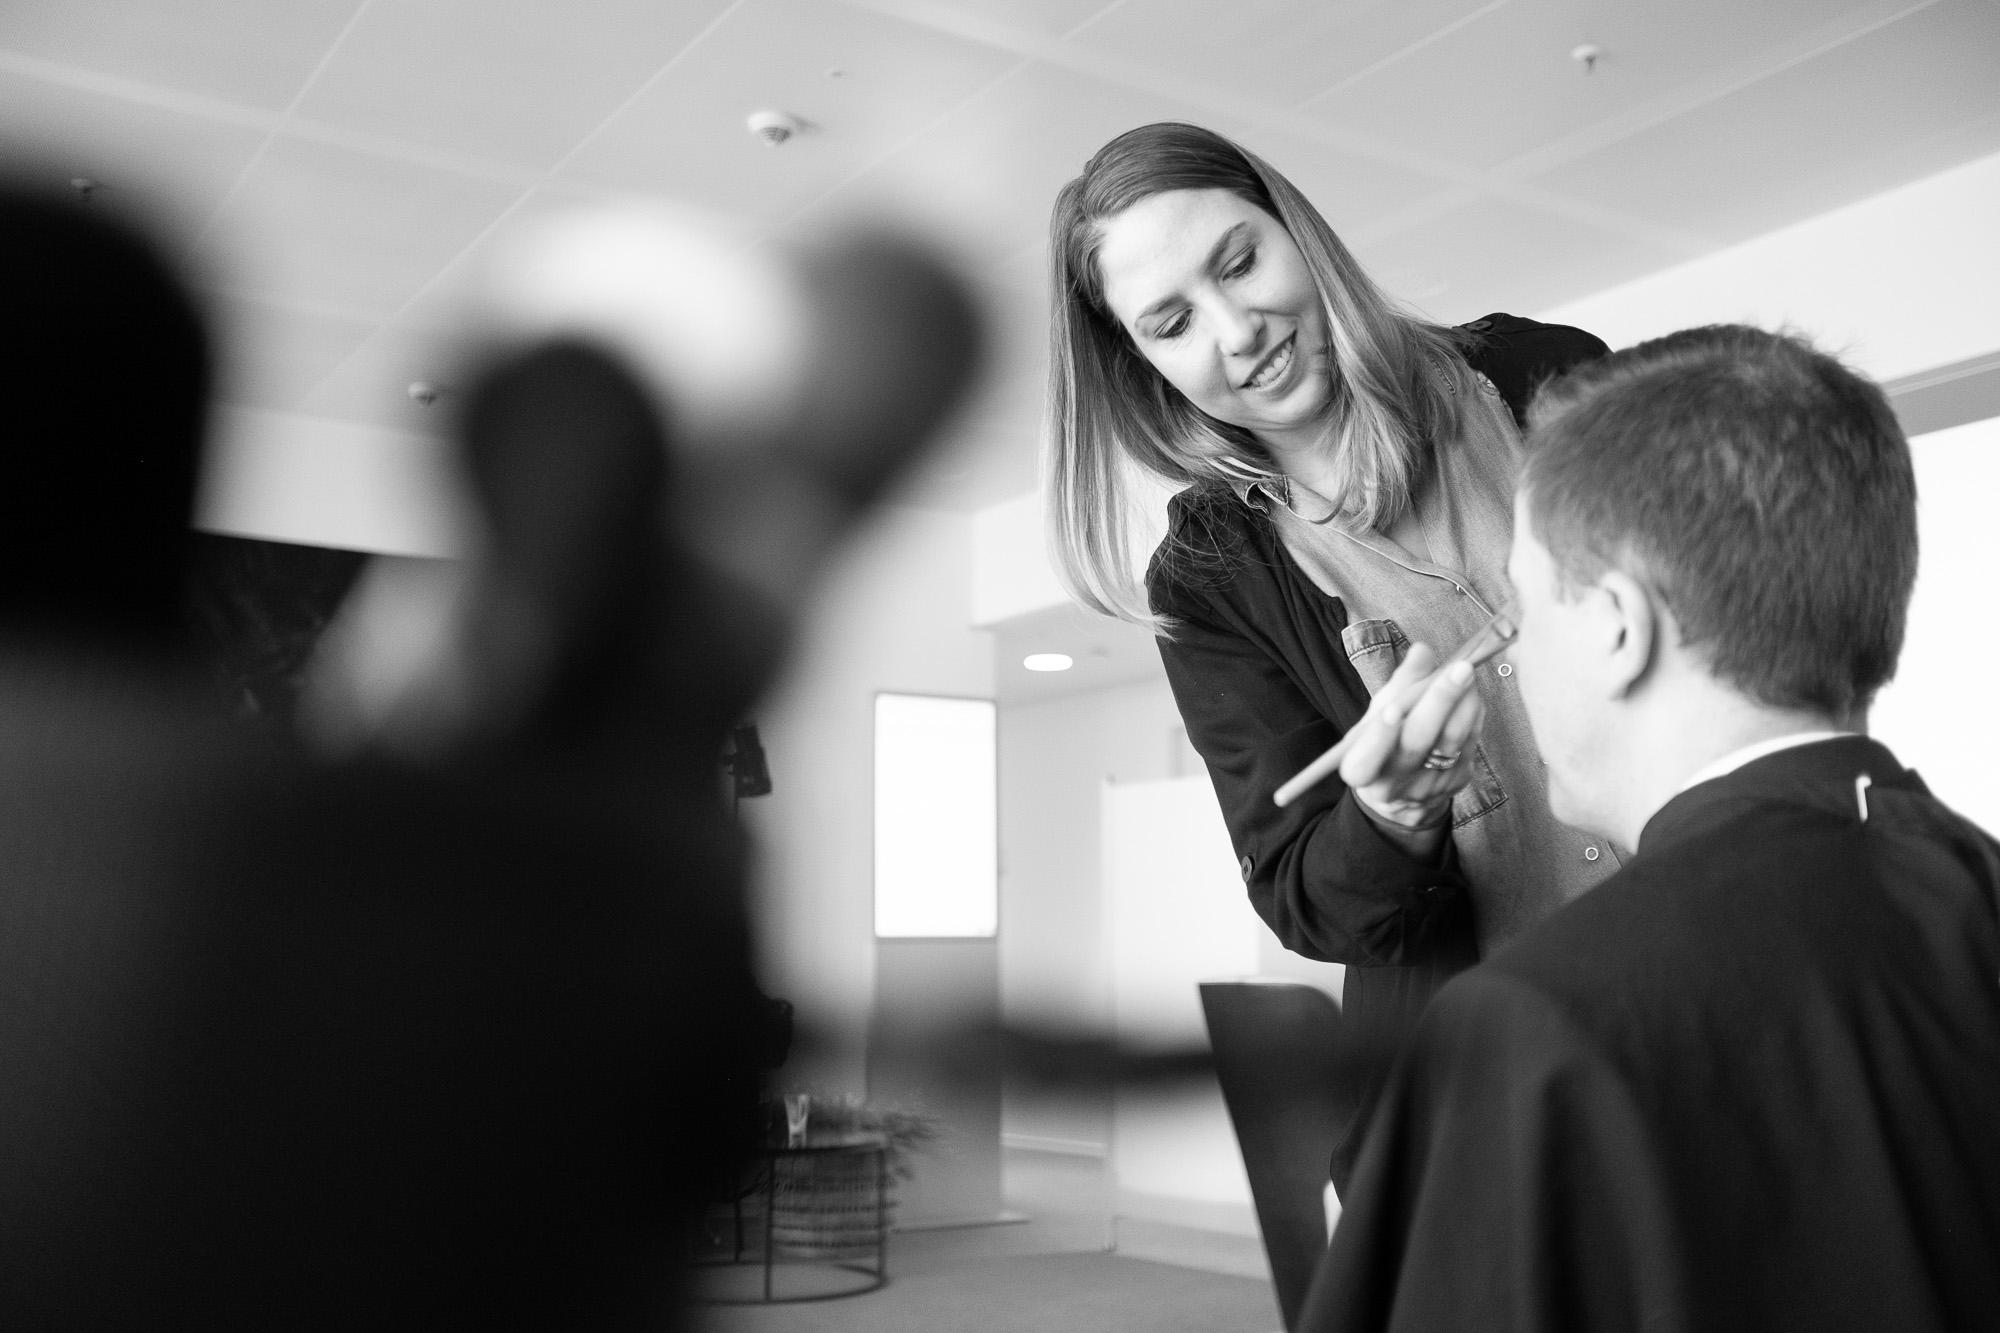 Das Portrait, aufgenommen von fritzphilipp photography, der Make-up Artistin Maria Peschel zeigt diese bei der Arbeit, sie gibt in unserem Blog auch Make-up Tipps für Portraits